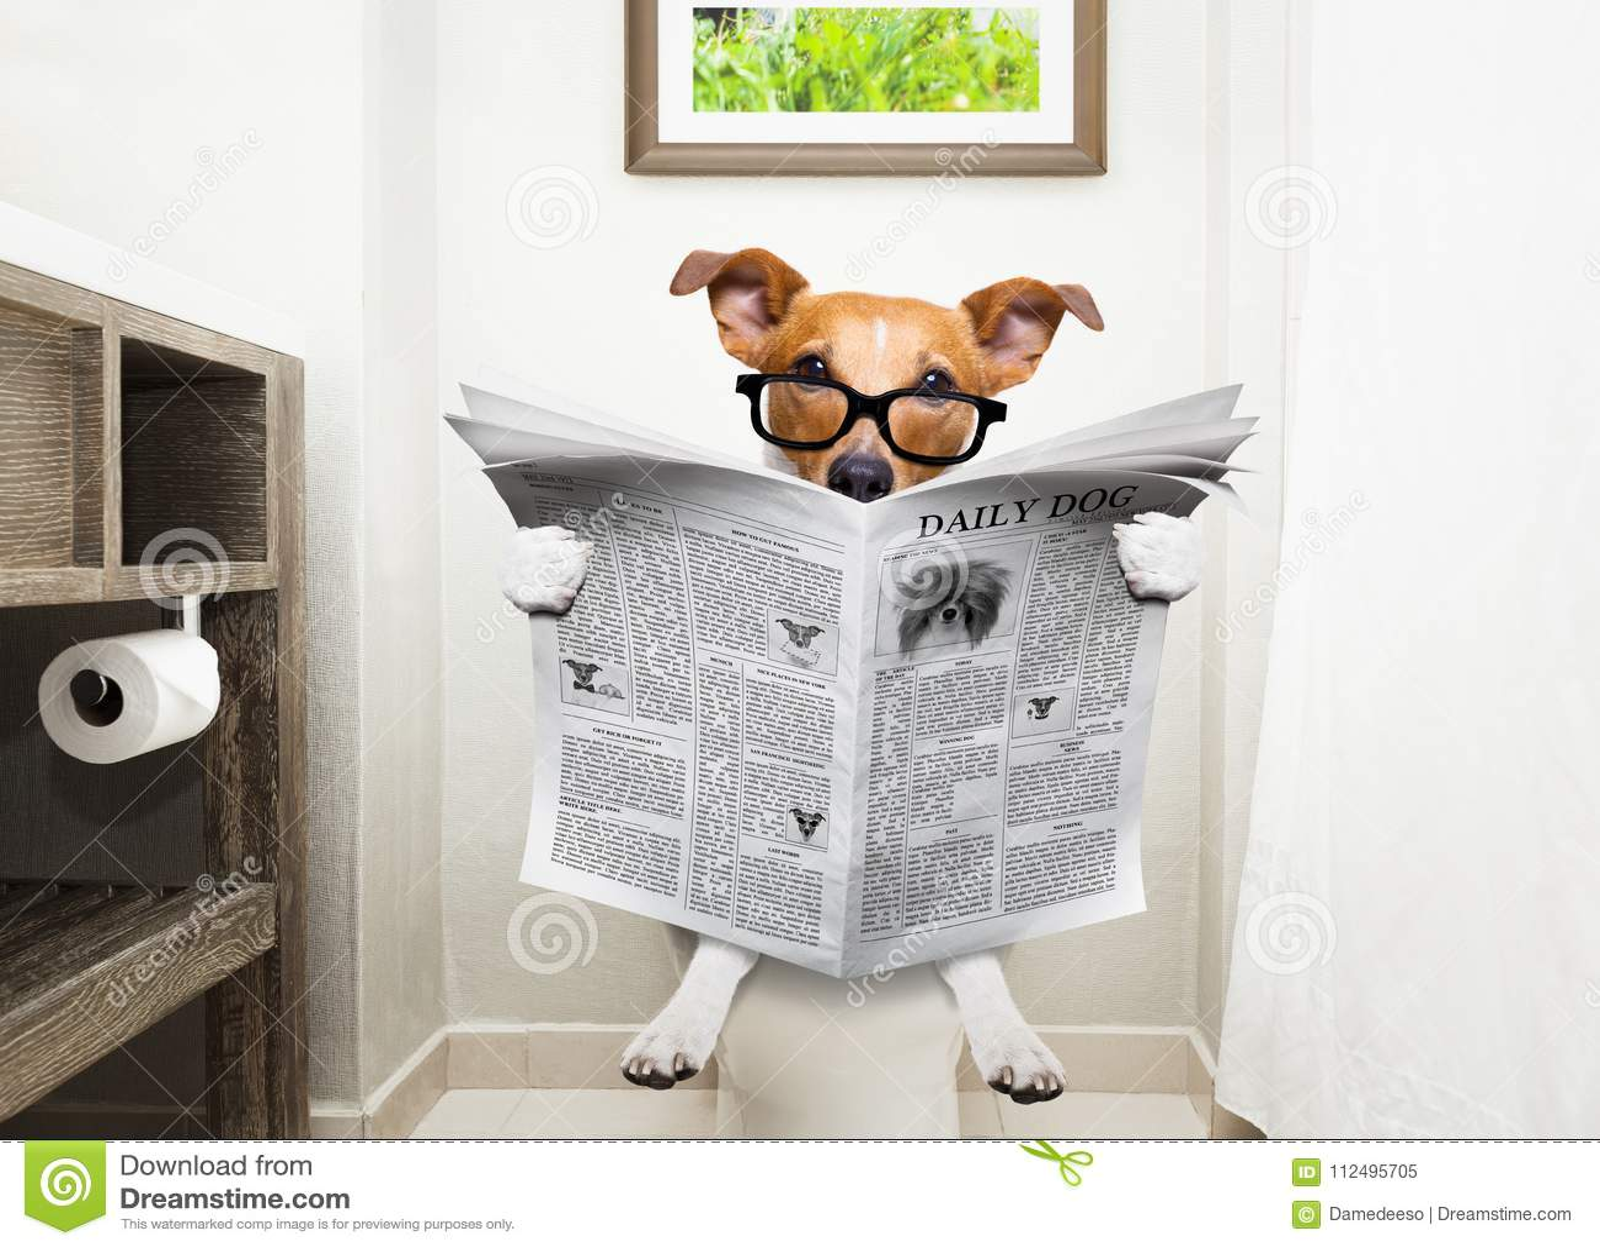 Cão no jornal da leitura do assento da sanita